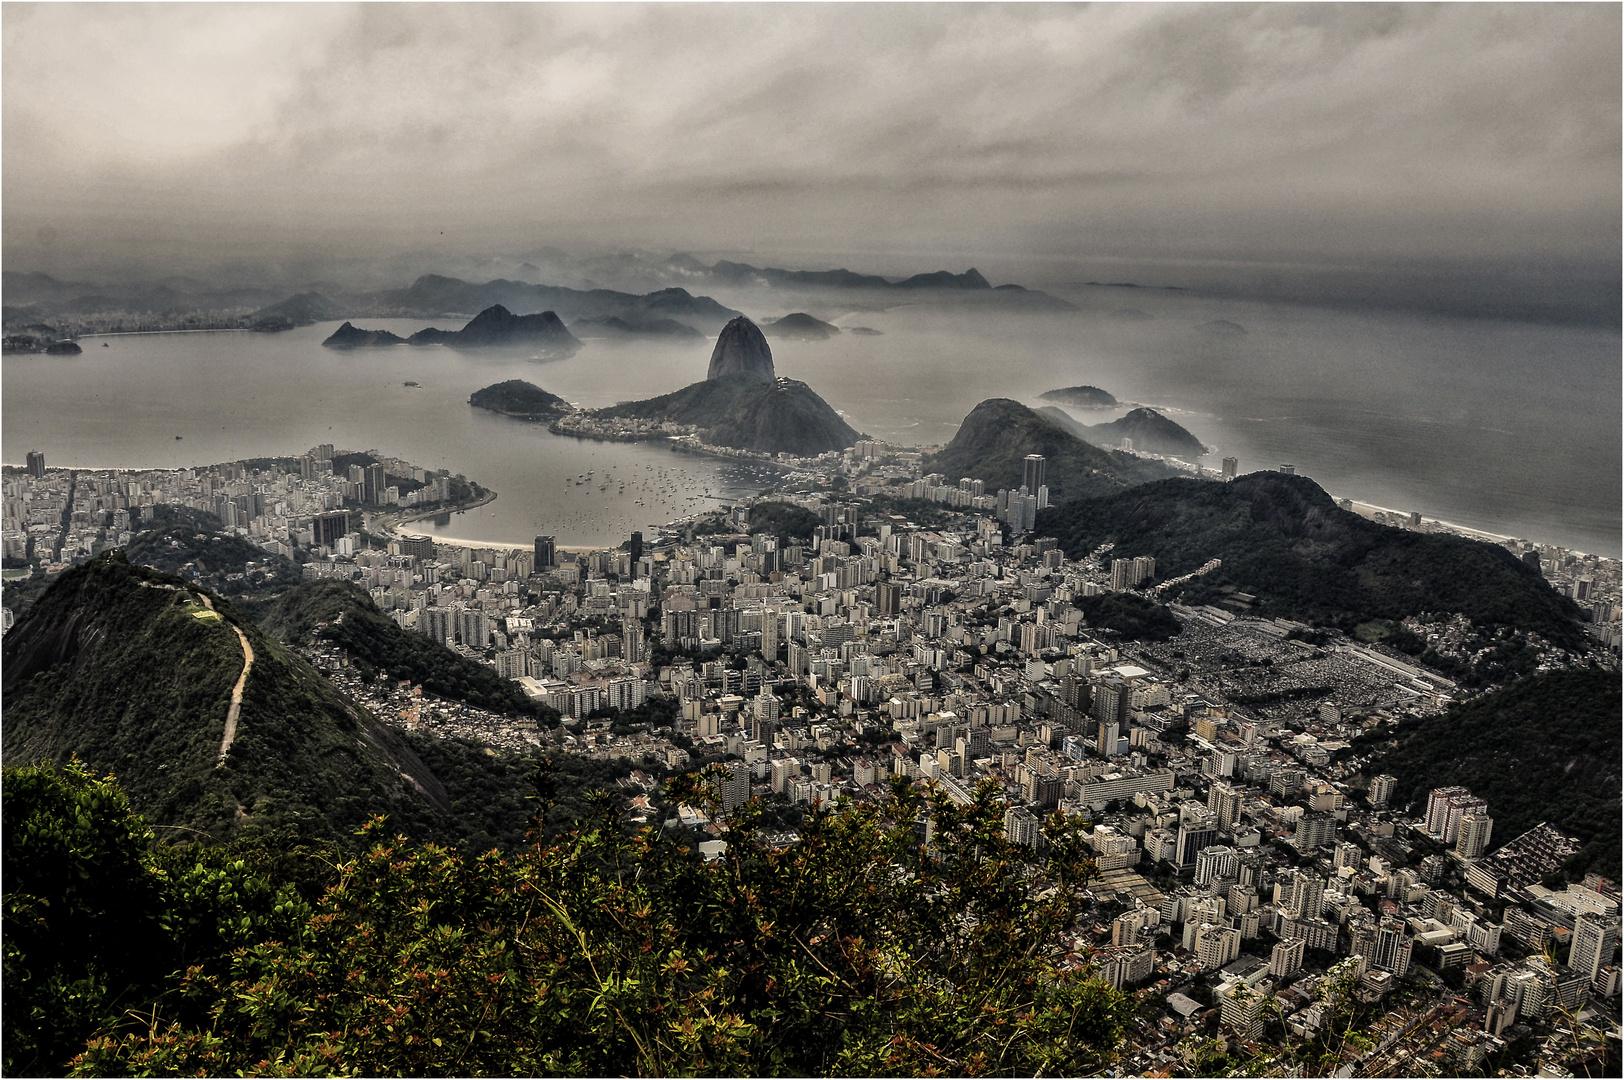 * Samba de Janeiro *